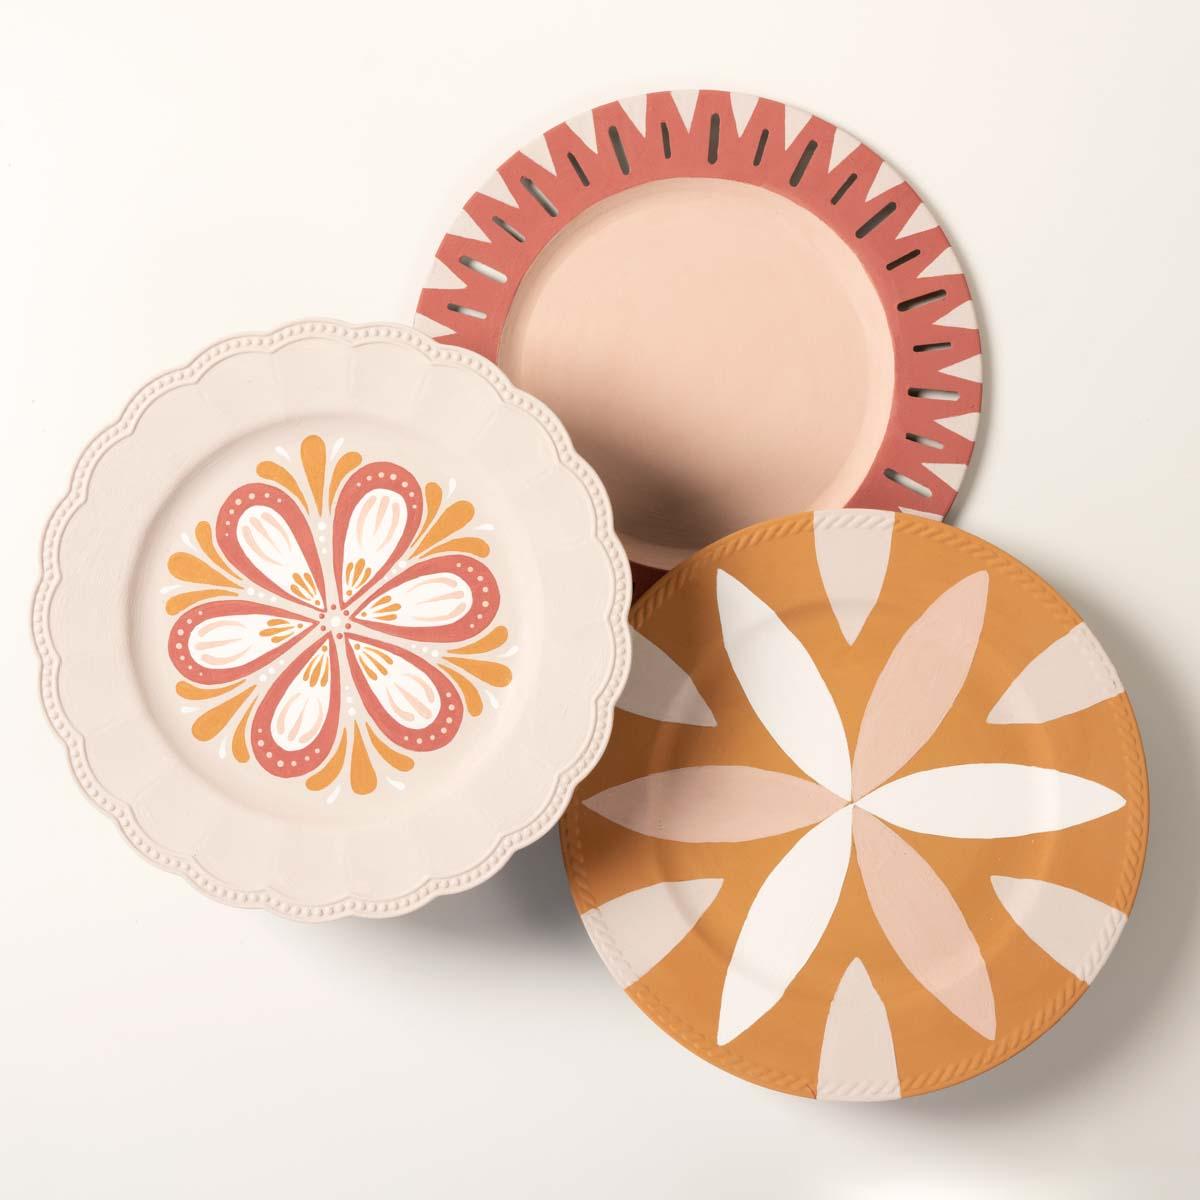 FolkArt ® Terra Cotta™ Acrylic Paint - Desert Dune, 2 oz. - 7020